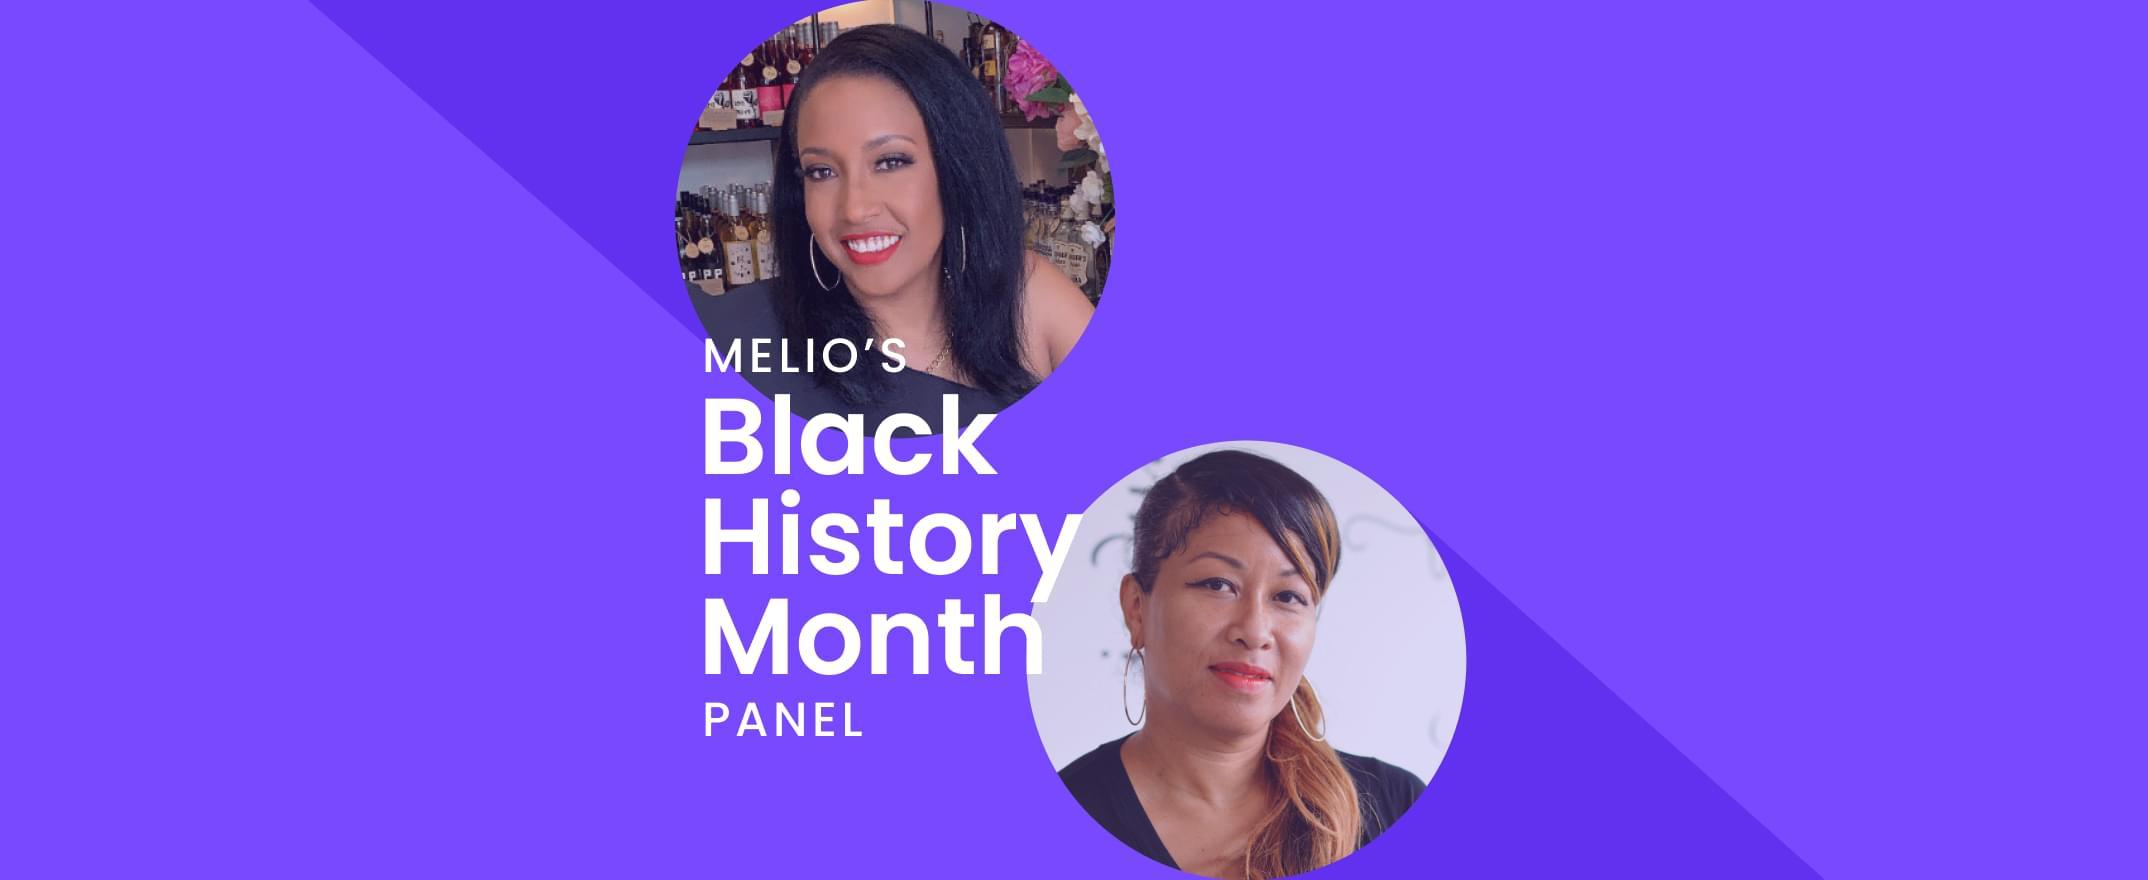 Speakers on Melio's Black History Month panel